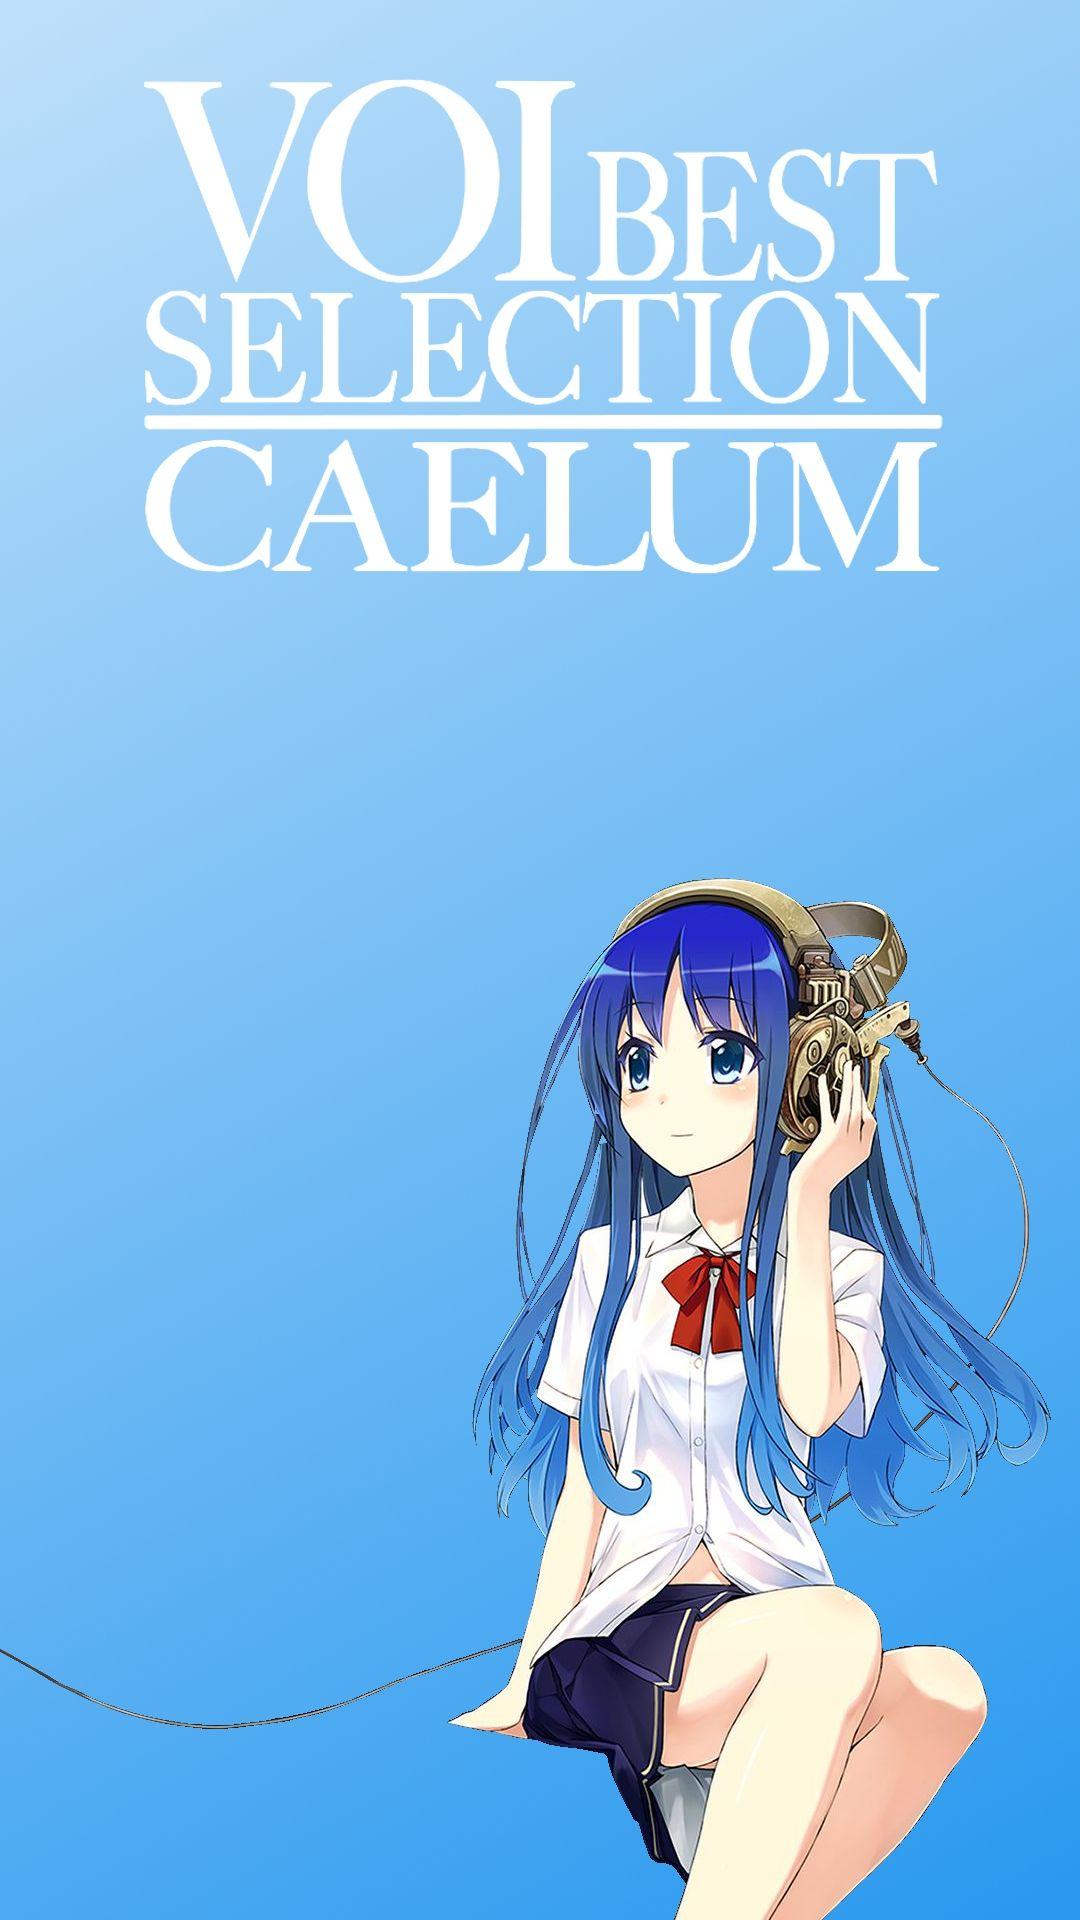 Voiベストアルバム Caelum の壁紙つくった ラジオのノイズ 知ら